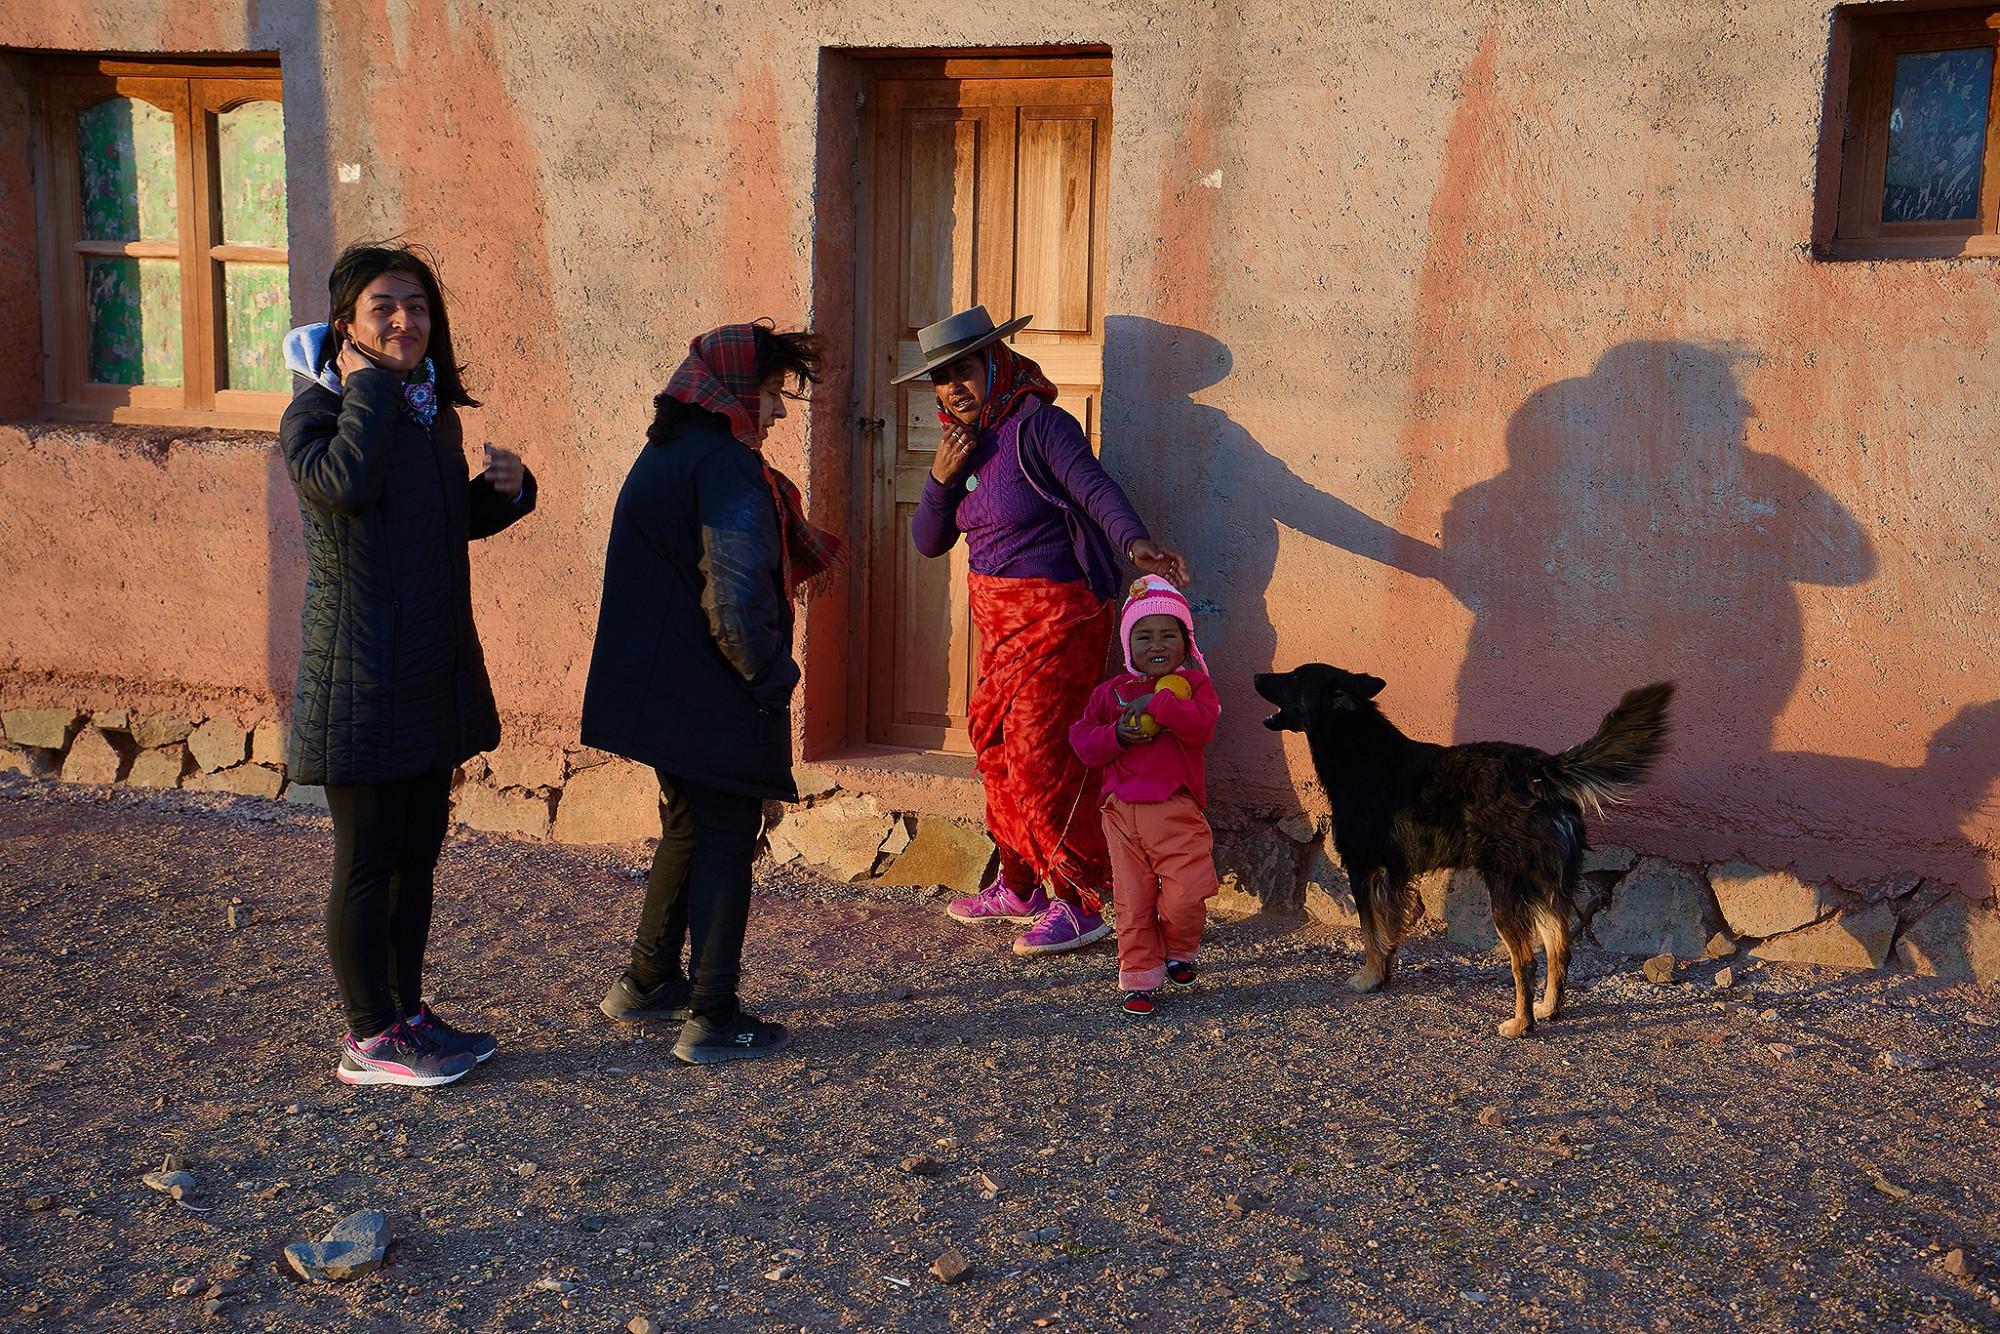 Afbeelding: Reportage Argentinië, reisfotograaf Dominique Van Huffel